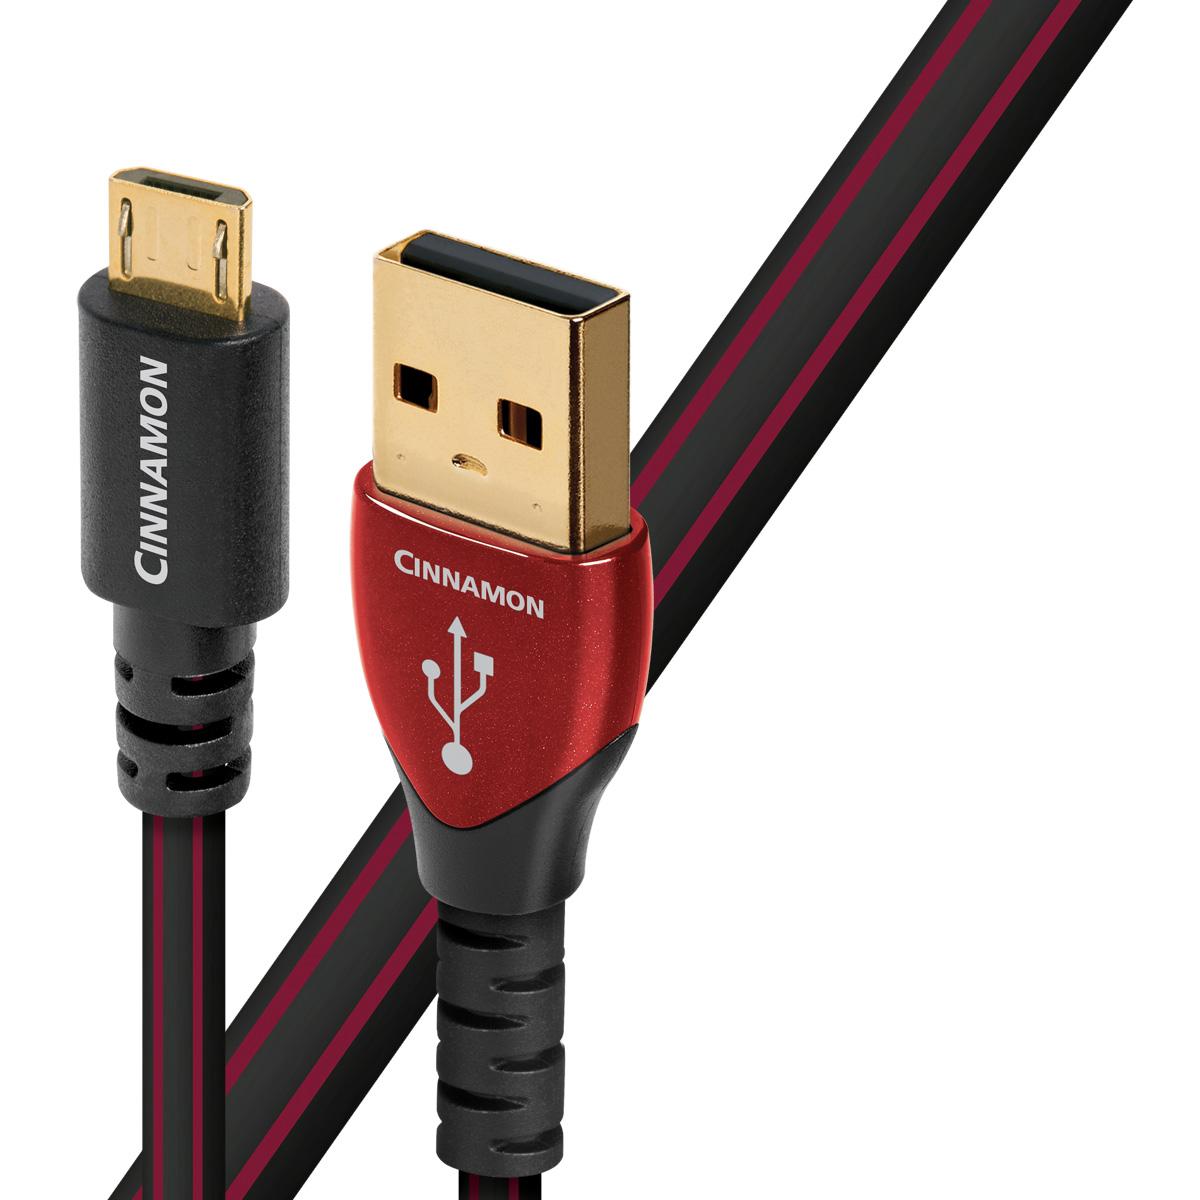 """USB2 Cinnamon 1.5M/A to micro B オーディオクエスト オーディオグレードUSBケーブル(1.5m・1本)【A】タイプ⇒【micro B】タイプ audio-quest""""シナモン"""""""